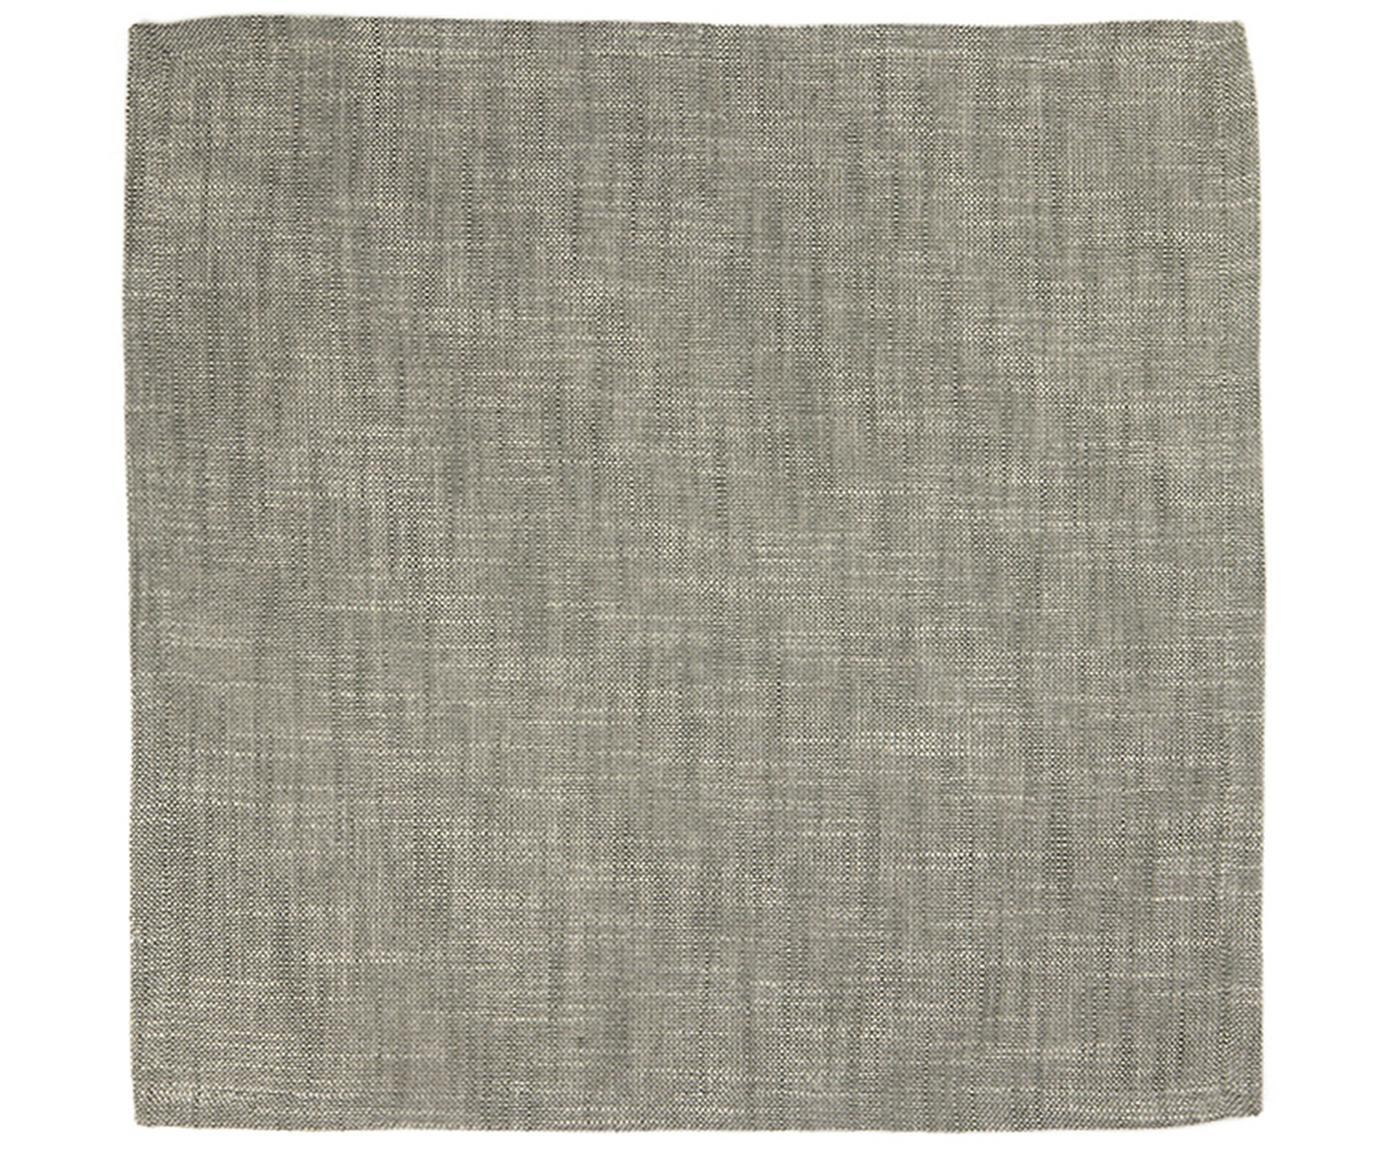 Serwetka z bawełny Tonnika, 4 szt., Bawełna, Szary, S 45 x D 45 cm